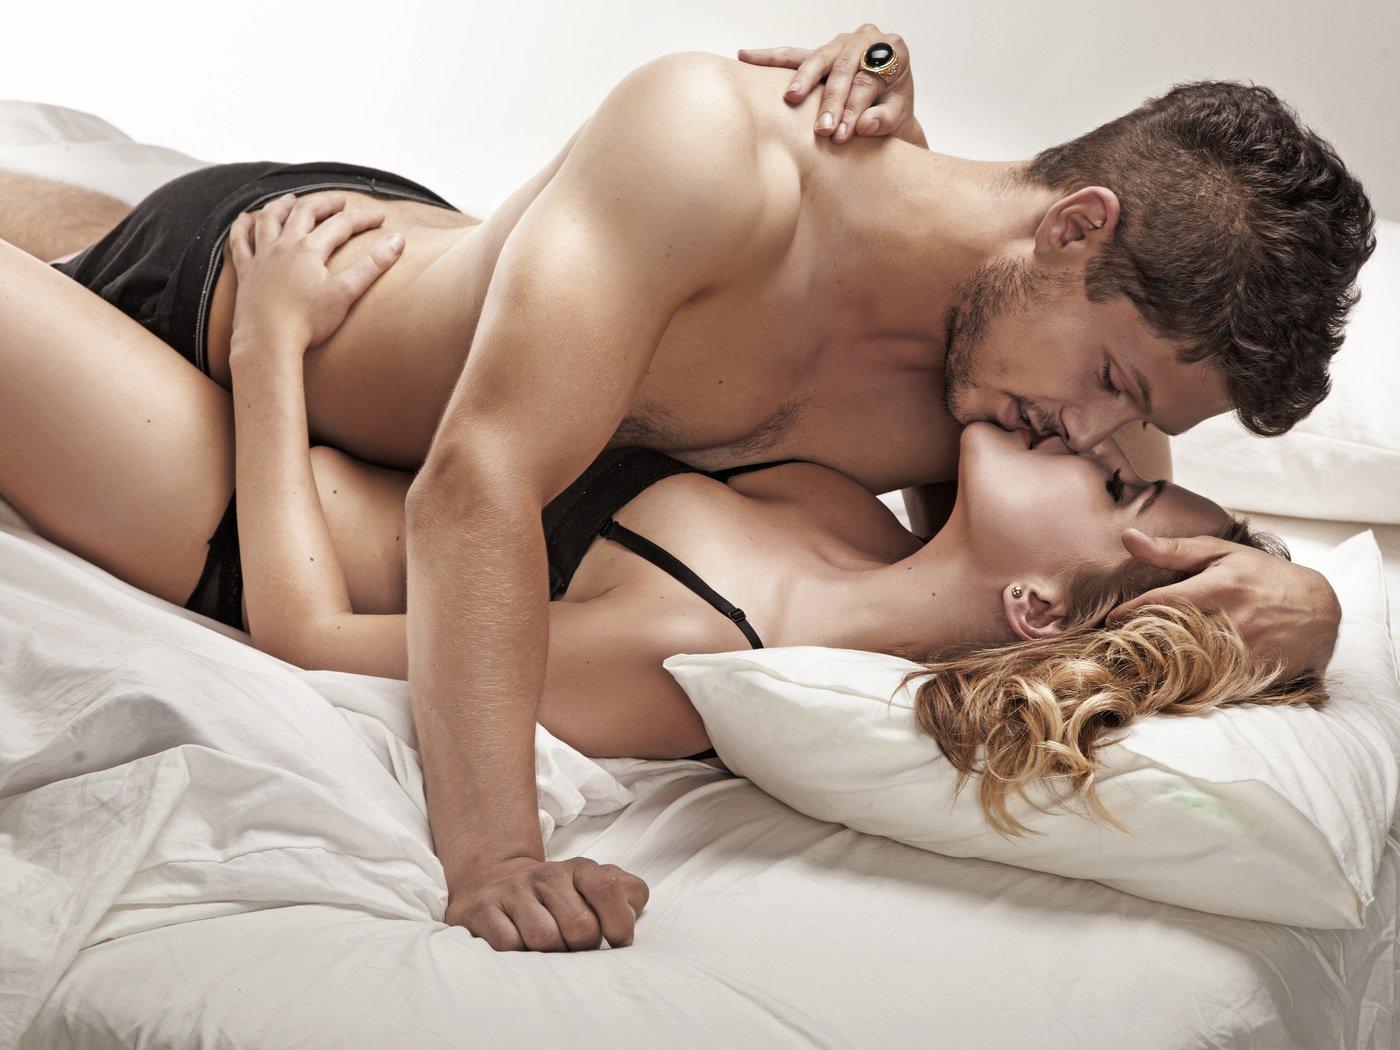 жена в постели фантазер